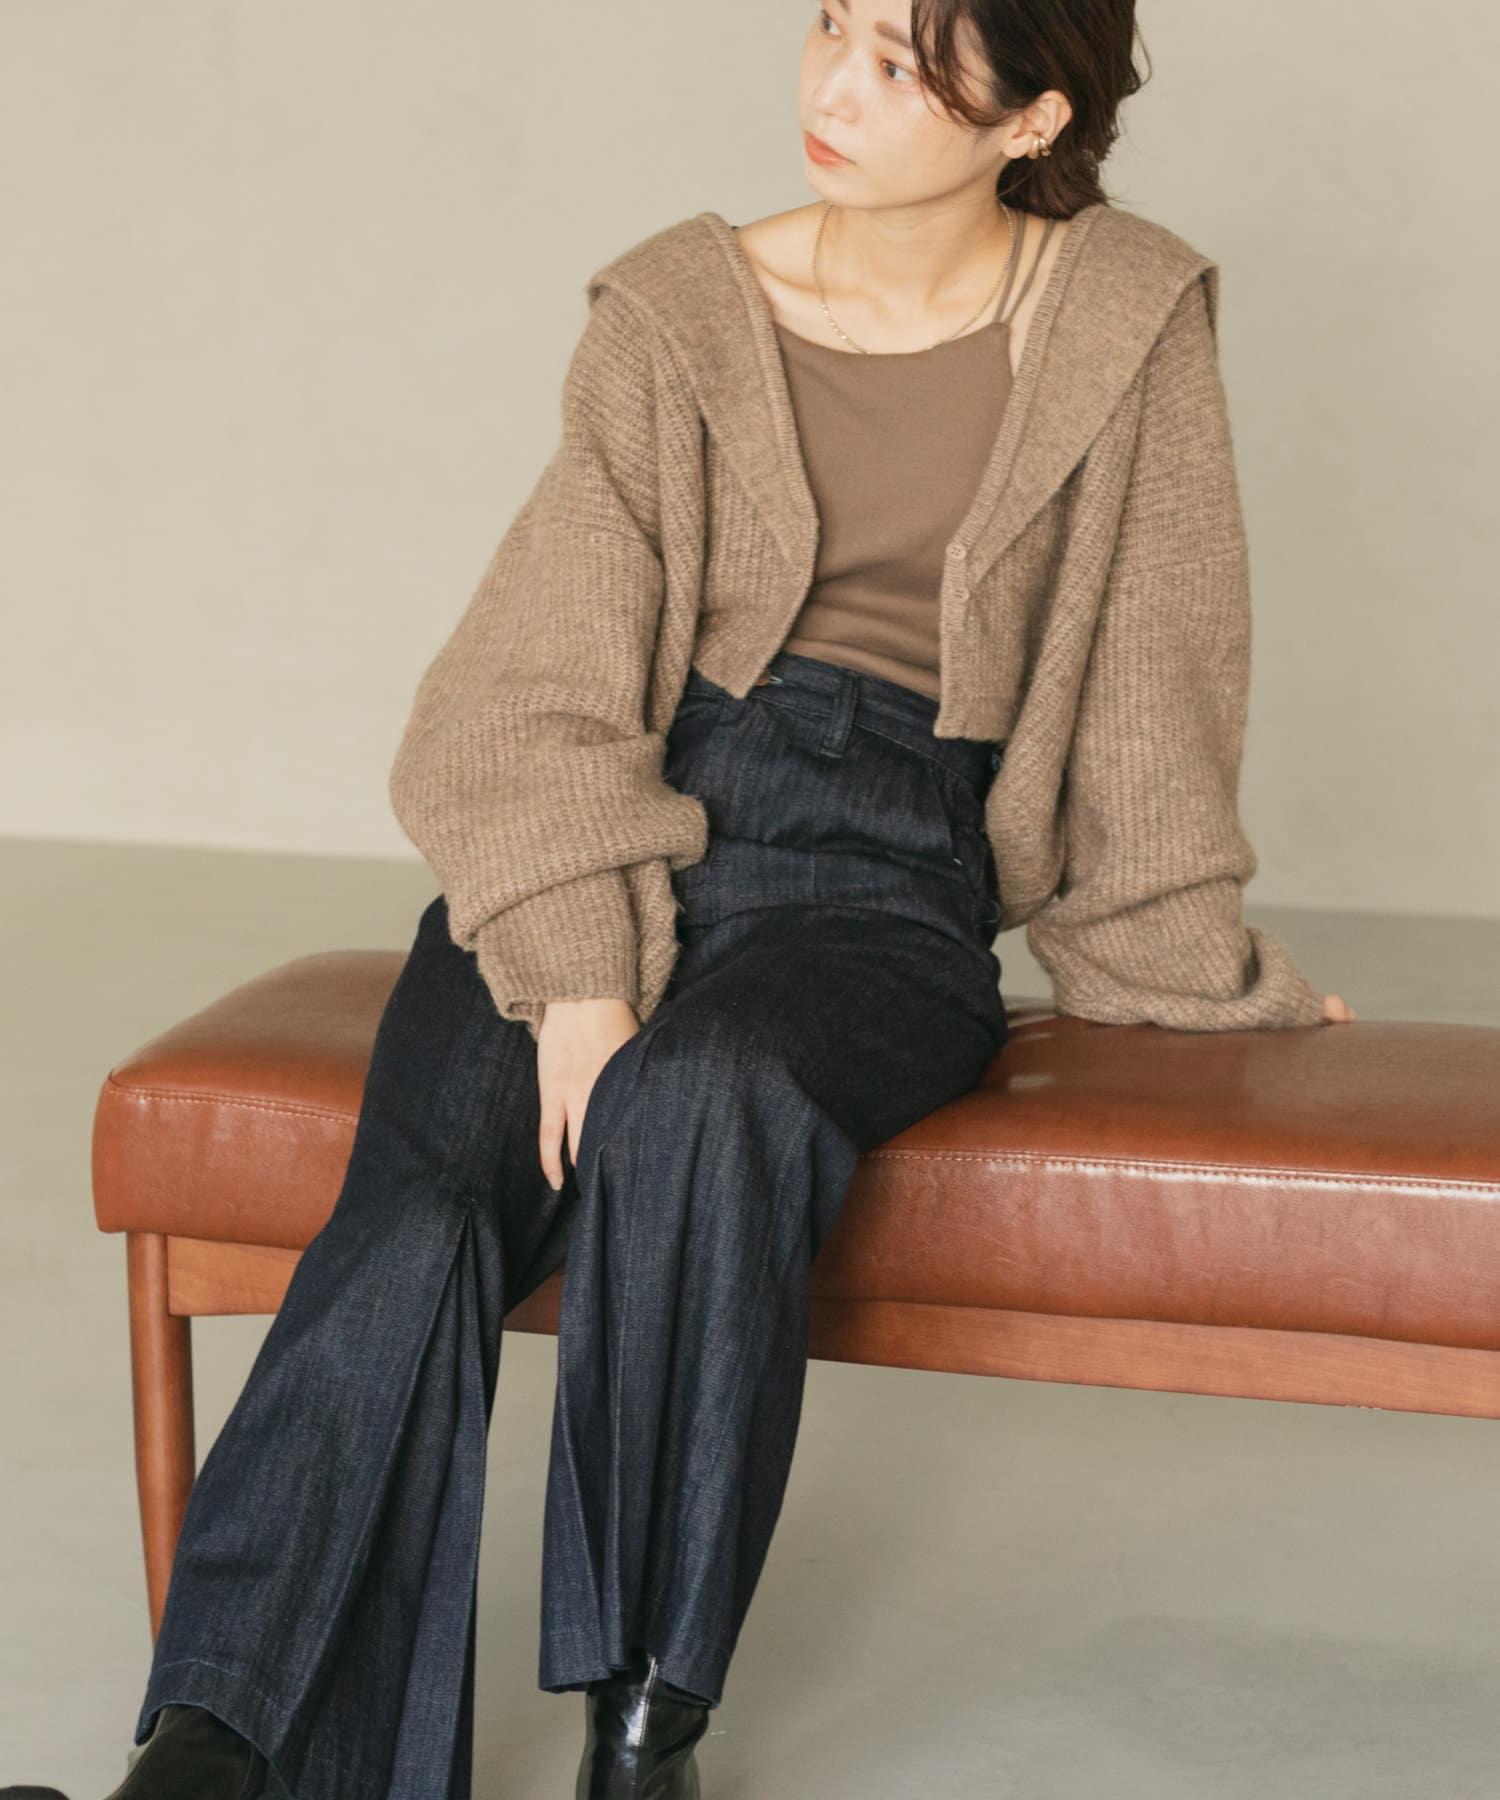 Kastane(カスタネ) 【カタログ掲載アイテム】襟付きクロップドカーディガン